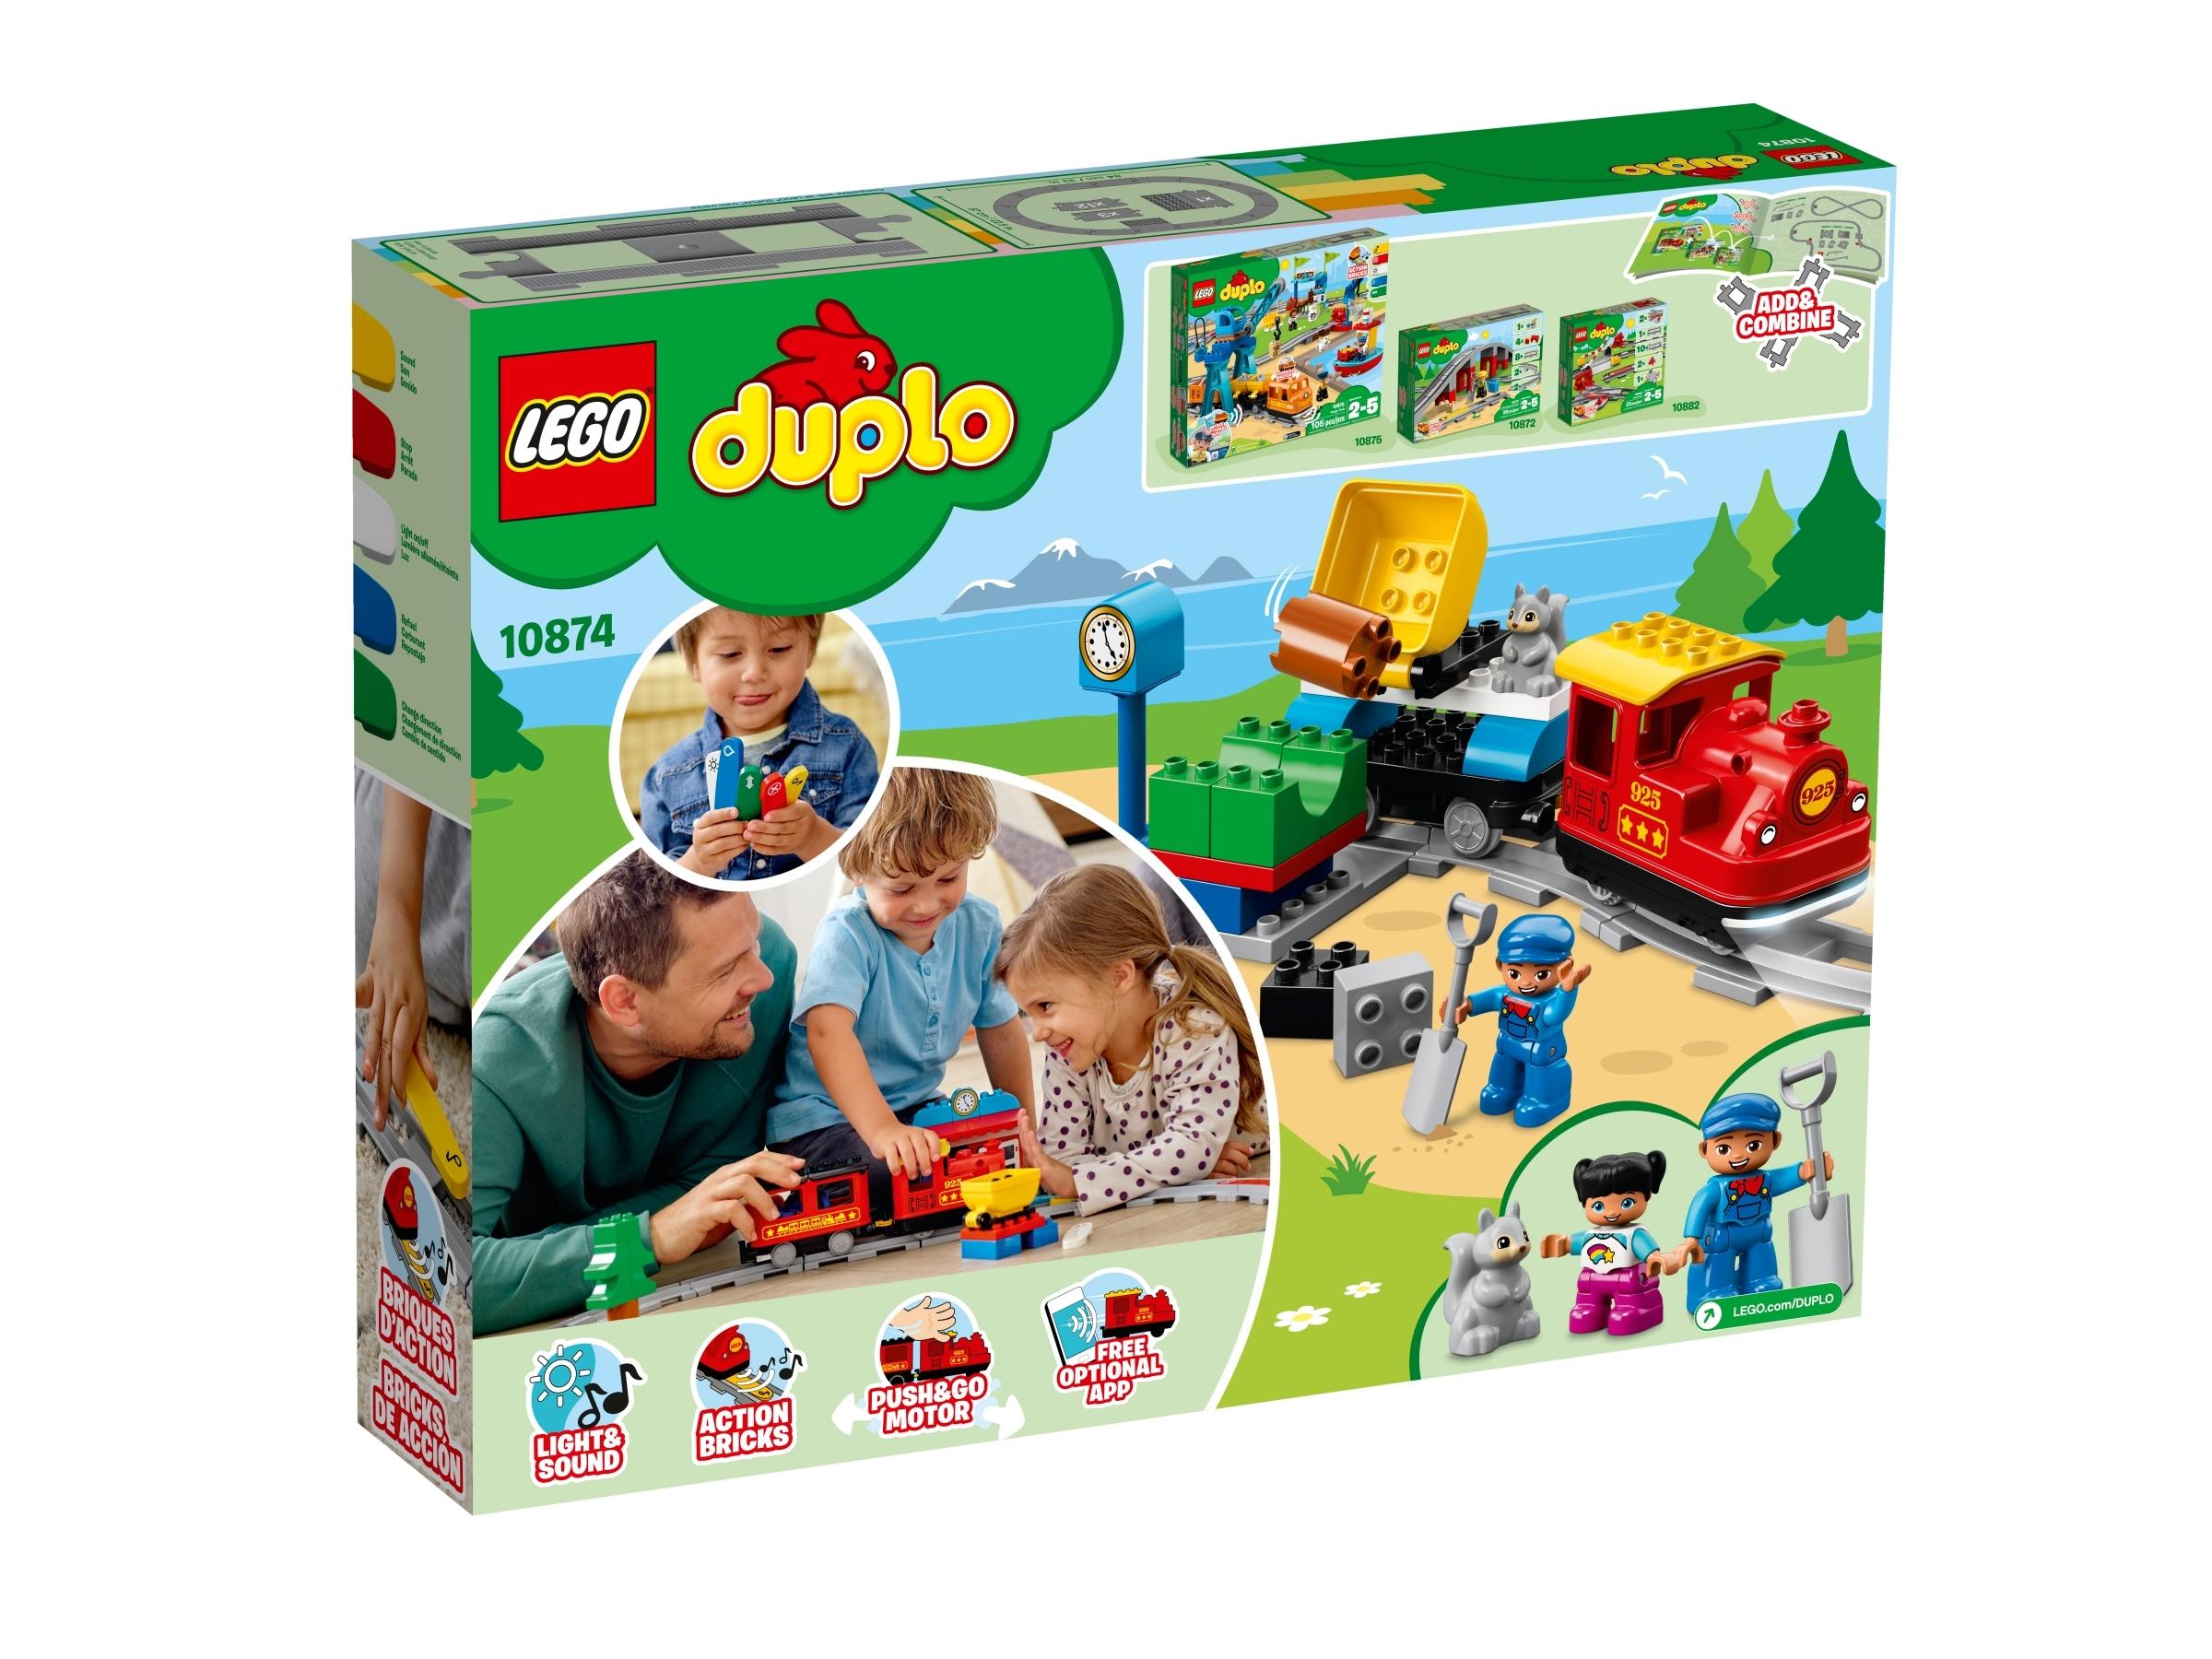 樂高®得寶®智能蒸汽火車 10874 | 得寶™ | LEGO.com CN